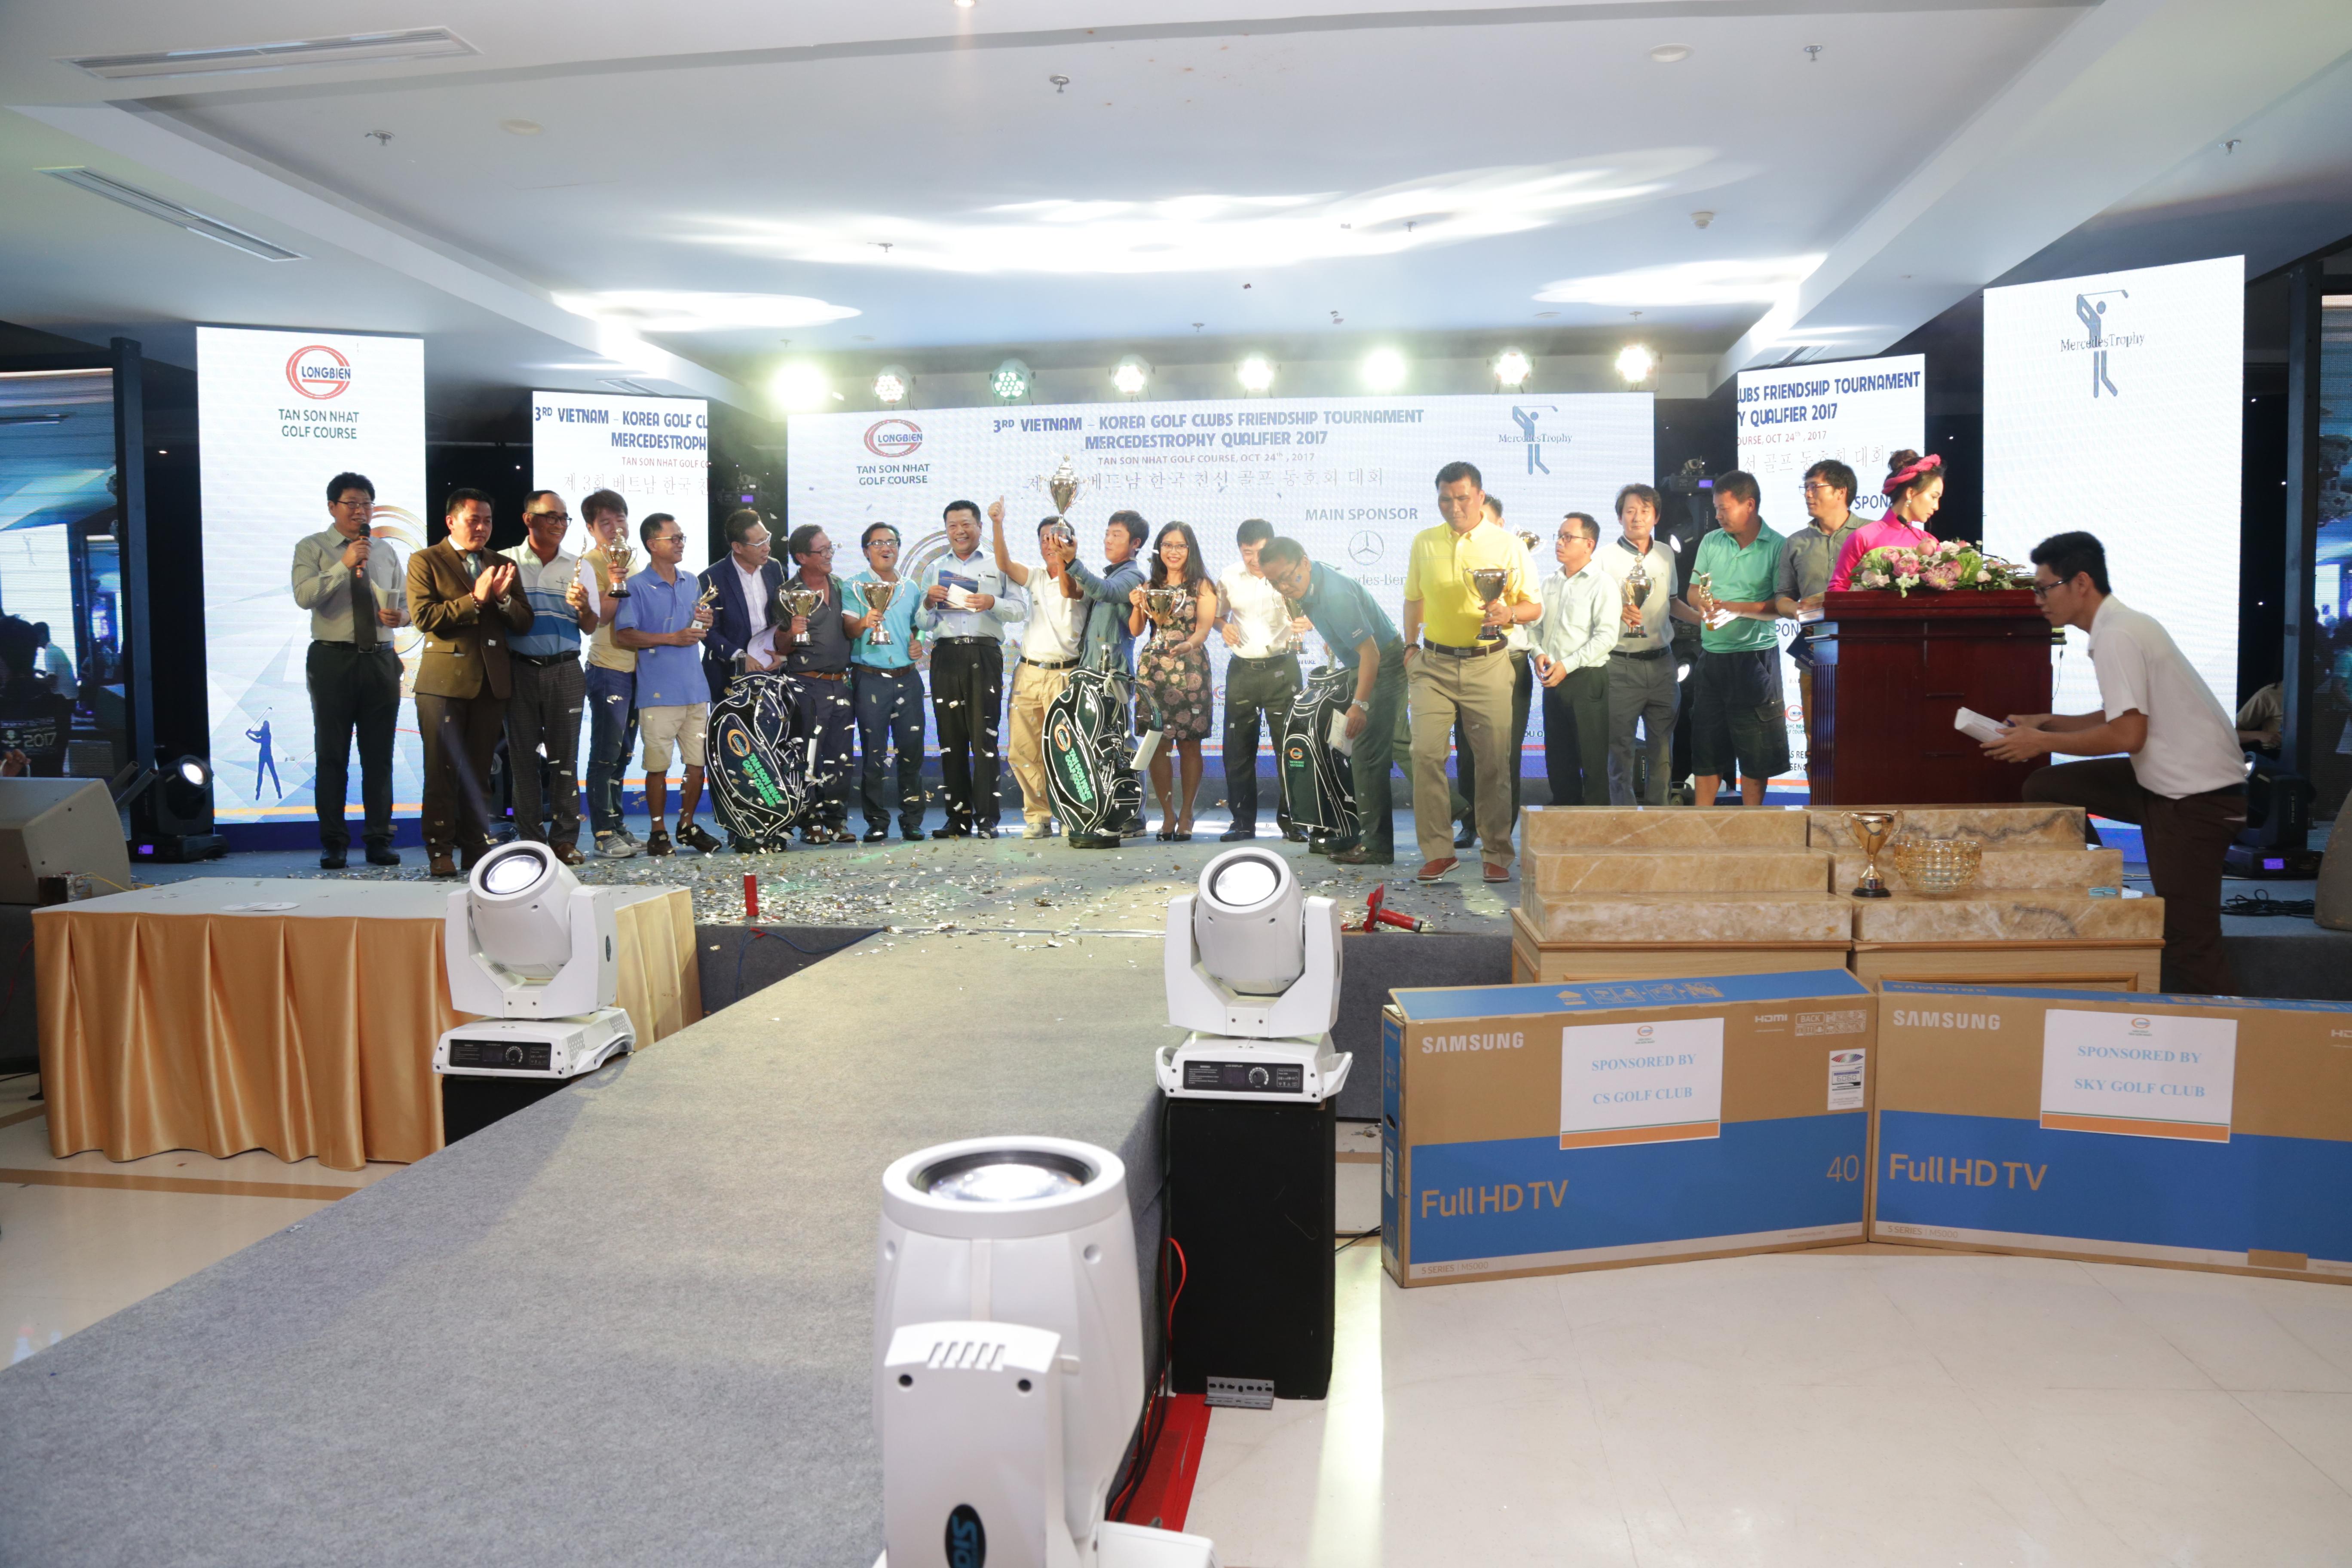 Giải golf giao hữu các câu lạc bộ Việt Nam – Hàn Quốc 2017